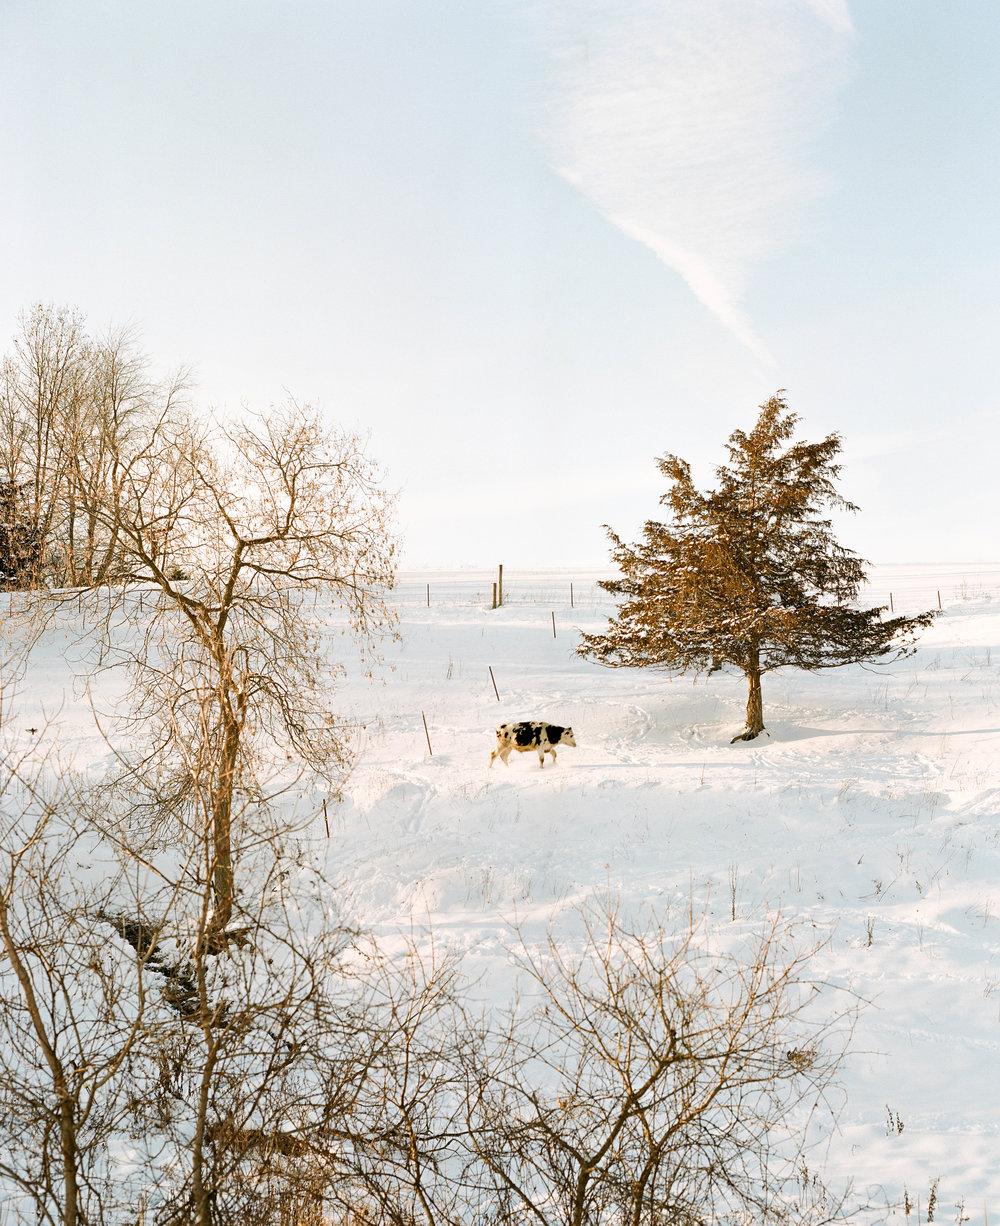 Winter Wonderland, 2016